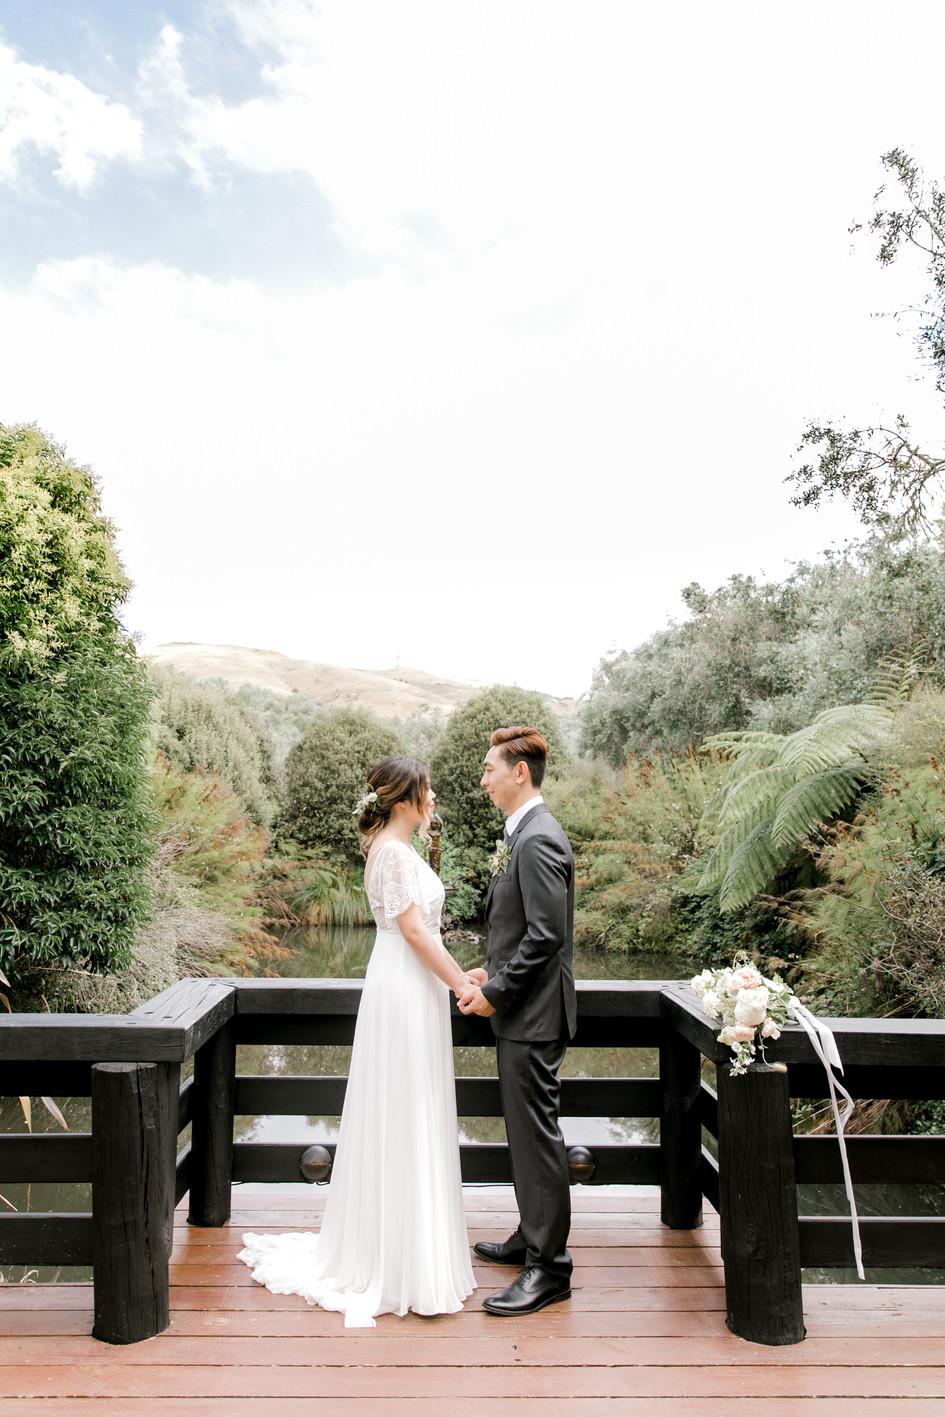 bracu_wedding_planners.jpg